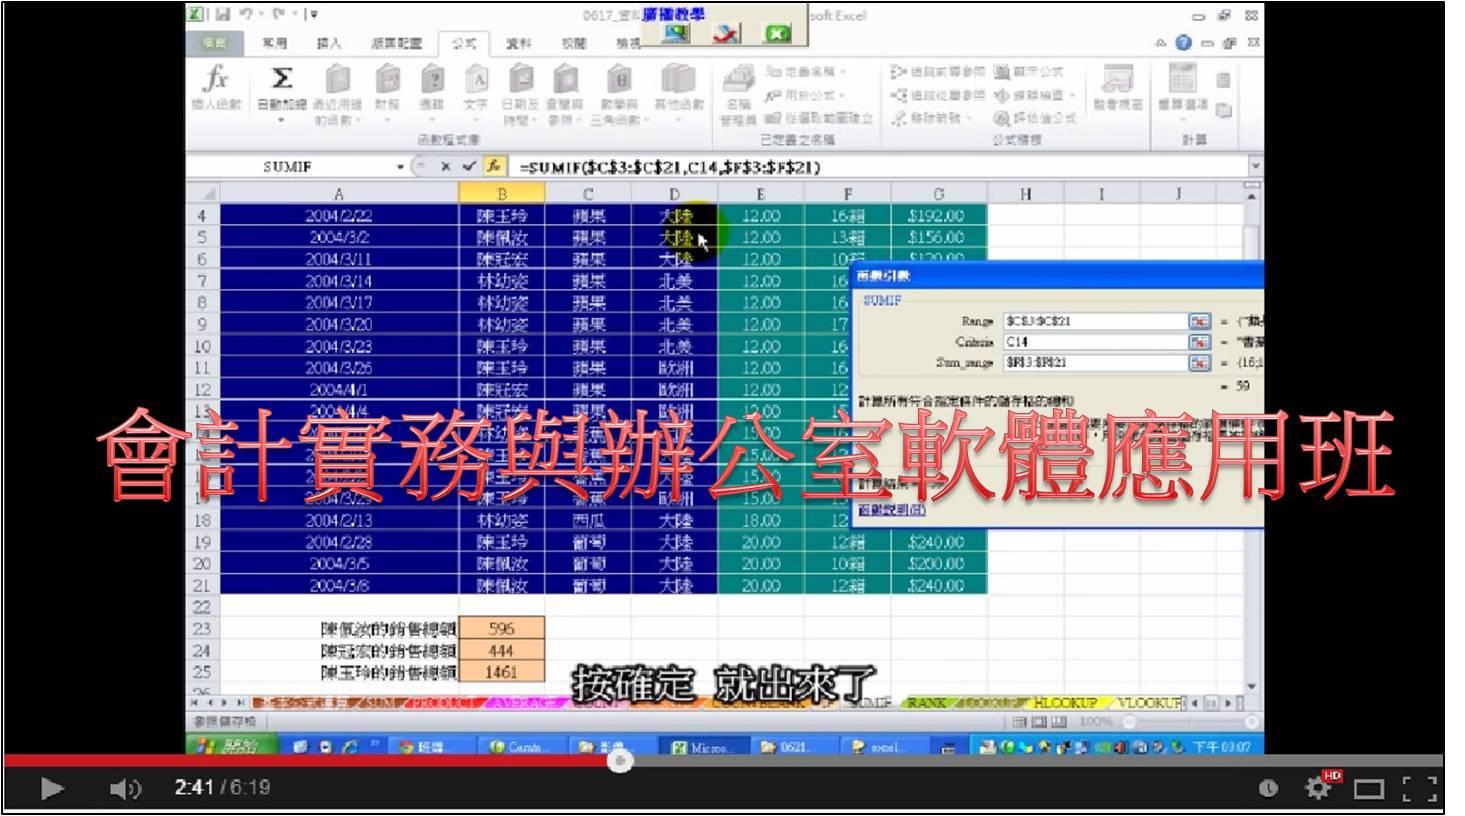 會計實務與辦公室軟體應用班